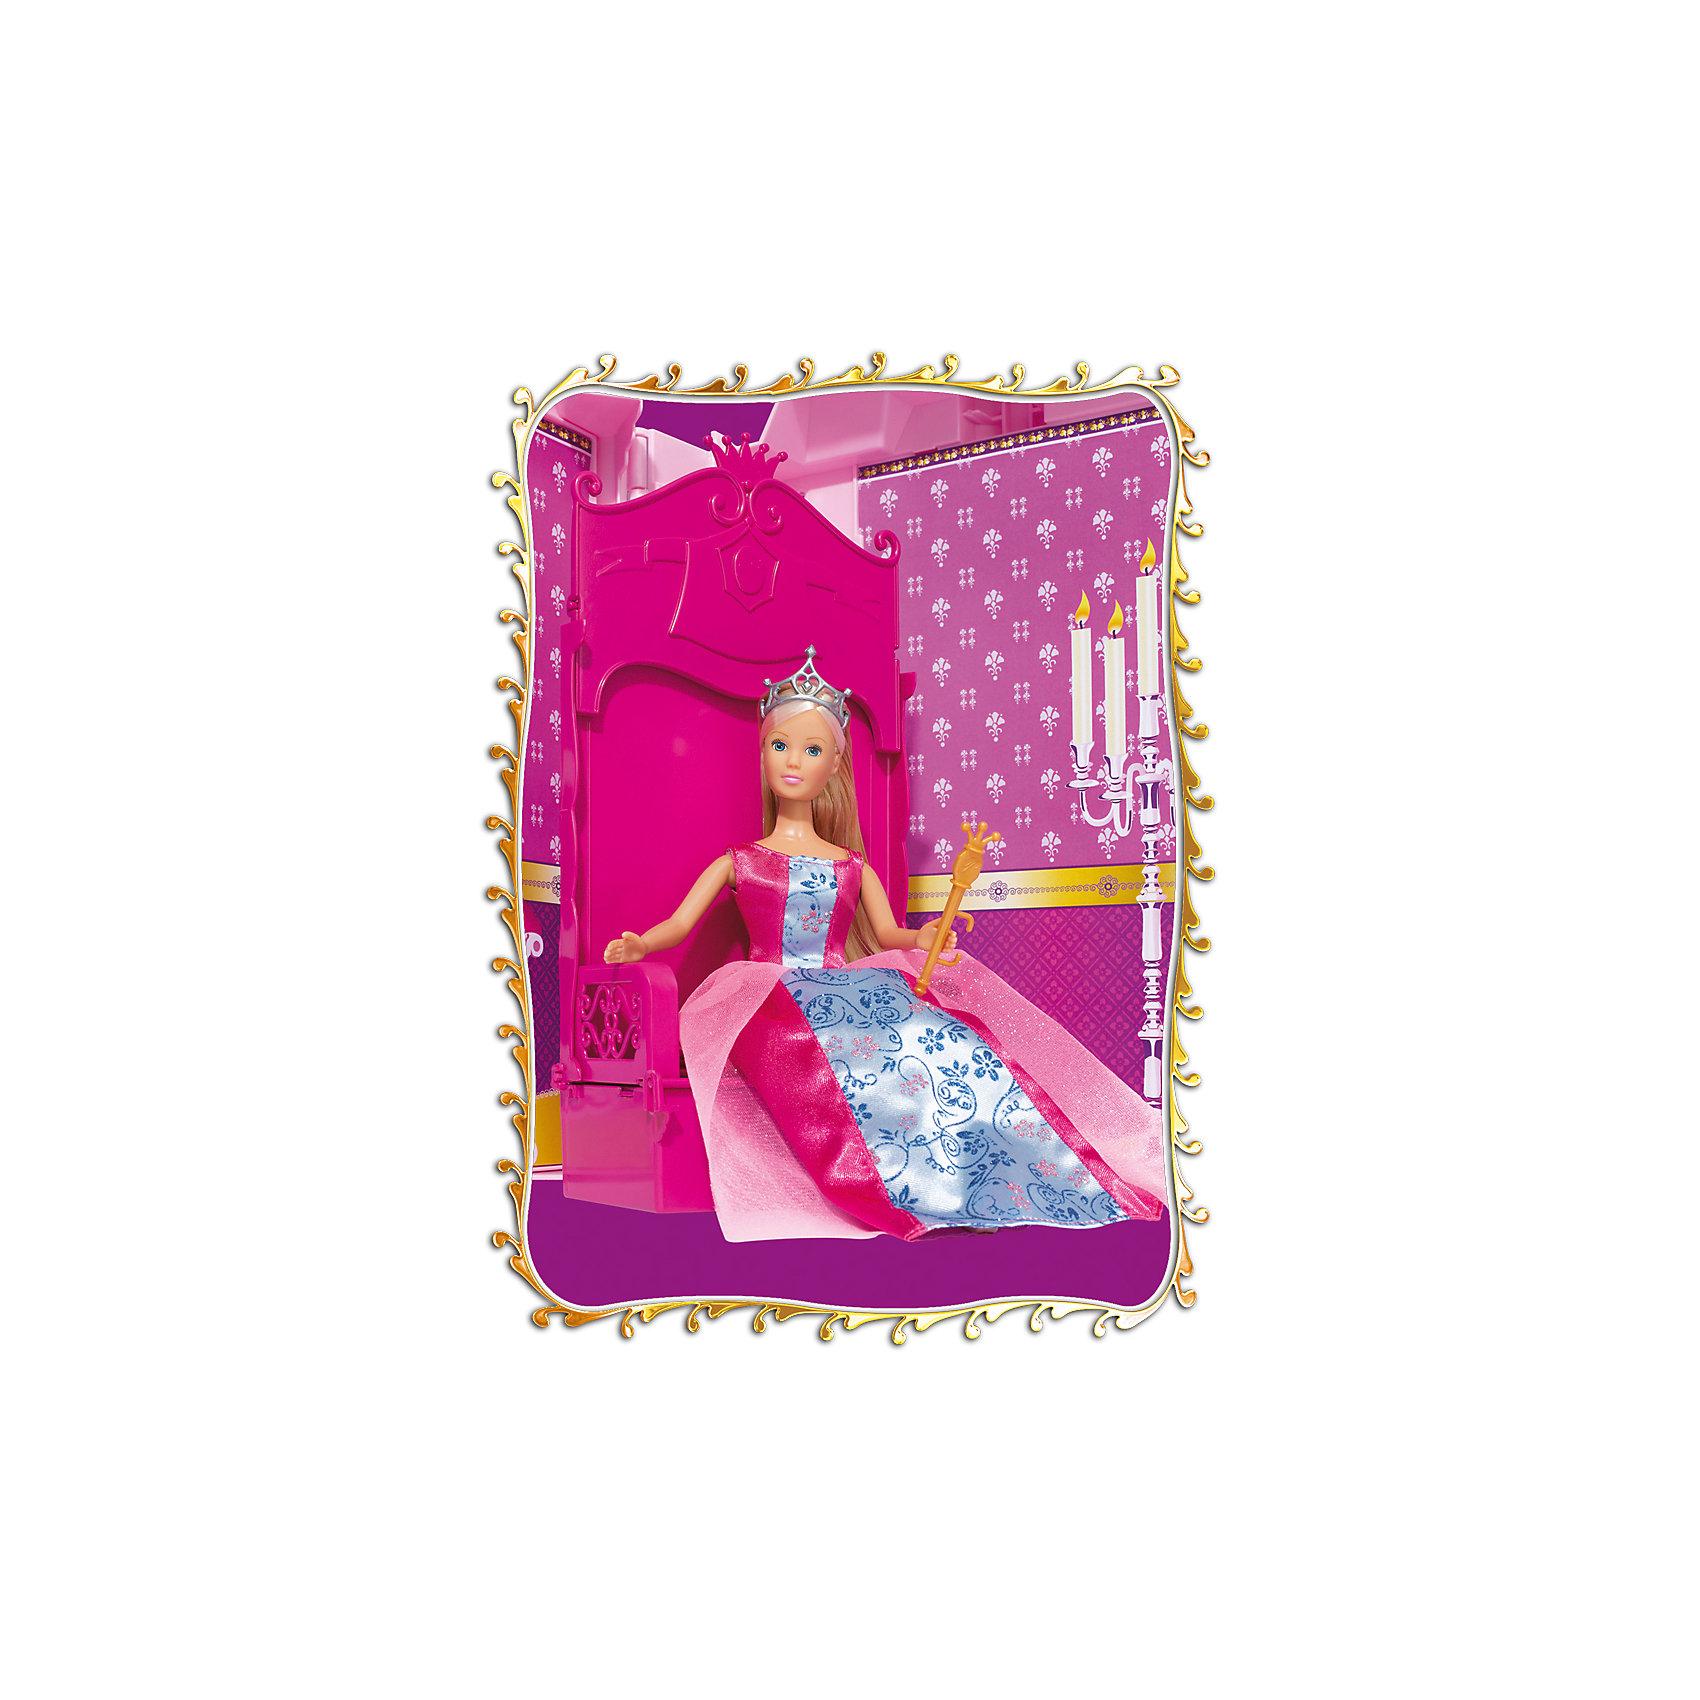 Кукла Штеффи и ее замок, SimbaSteffi и Evi Love<br>Характеристики товара:<br><br>- цвет: разноцветный;<br>- материал: пластик;<br>- возраст: от трех лет;<br>- комплектация: кукла, аксессуары, декорации;<br>- высота куклы: 29 см.<br><br>Эта симпатичная кукла Штеффи от известного бренда не оставит девочку равнодушной! Какая девочка сможет отказаться поиграть с куклами, которые дополнены набором в виде замка и предметами из него?! В набор входят аксессуары и предметы мебели для игр с куклой. Игрушка очень качественно выполнена, поэтому она станет замечательным подарком ребенку. <br>Продается набор в красивой удобной упаковке. Изделие произведено из высококачественного материала, безопасного для детей.<br><br>Куклу Штеффи и ее замок от бренда Simba можно купить в нашем интернет-магазине.<br><br>Ширина мм: 150<br>Глубина мм: 500<br>Высота мм: 400<br>Вес г: 2900<br>Возраст от месяцев: 36<br>Возраст до месяцев: 120<br>Пол: Женский<br>Возраст: Детский<br>SKU: 5119516